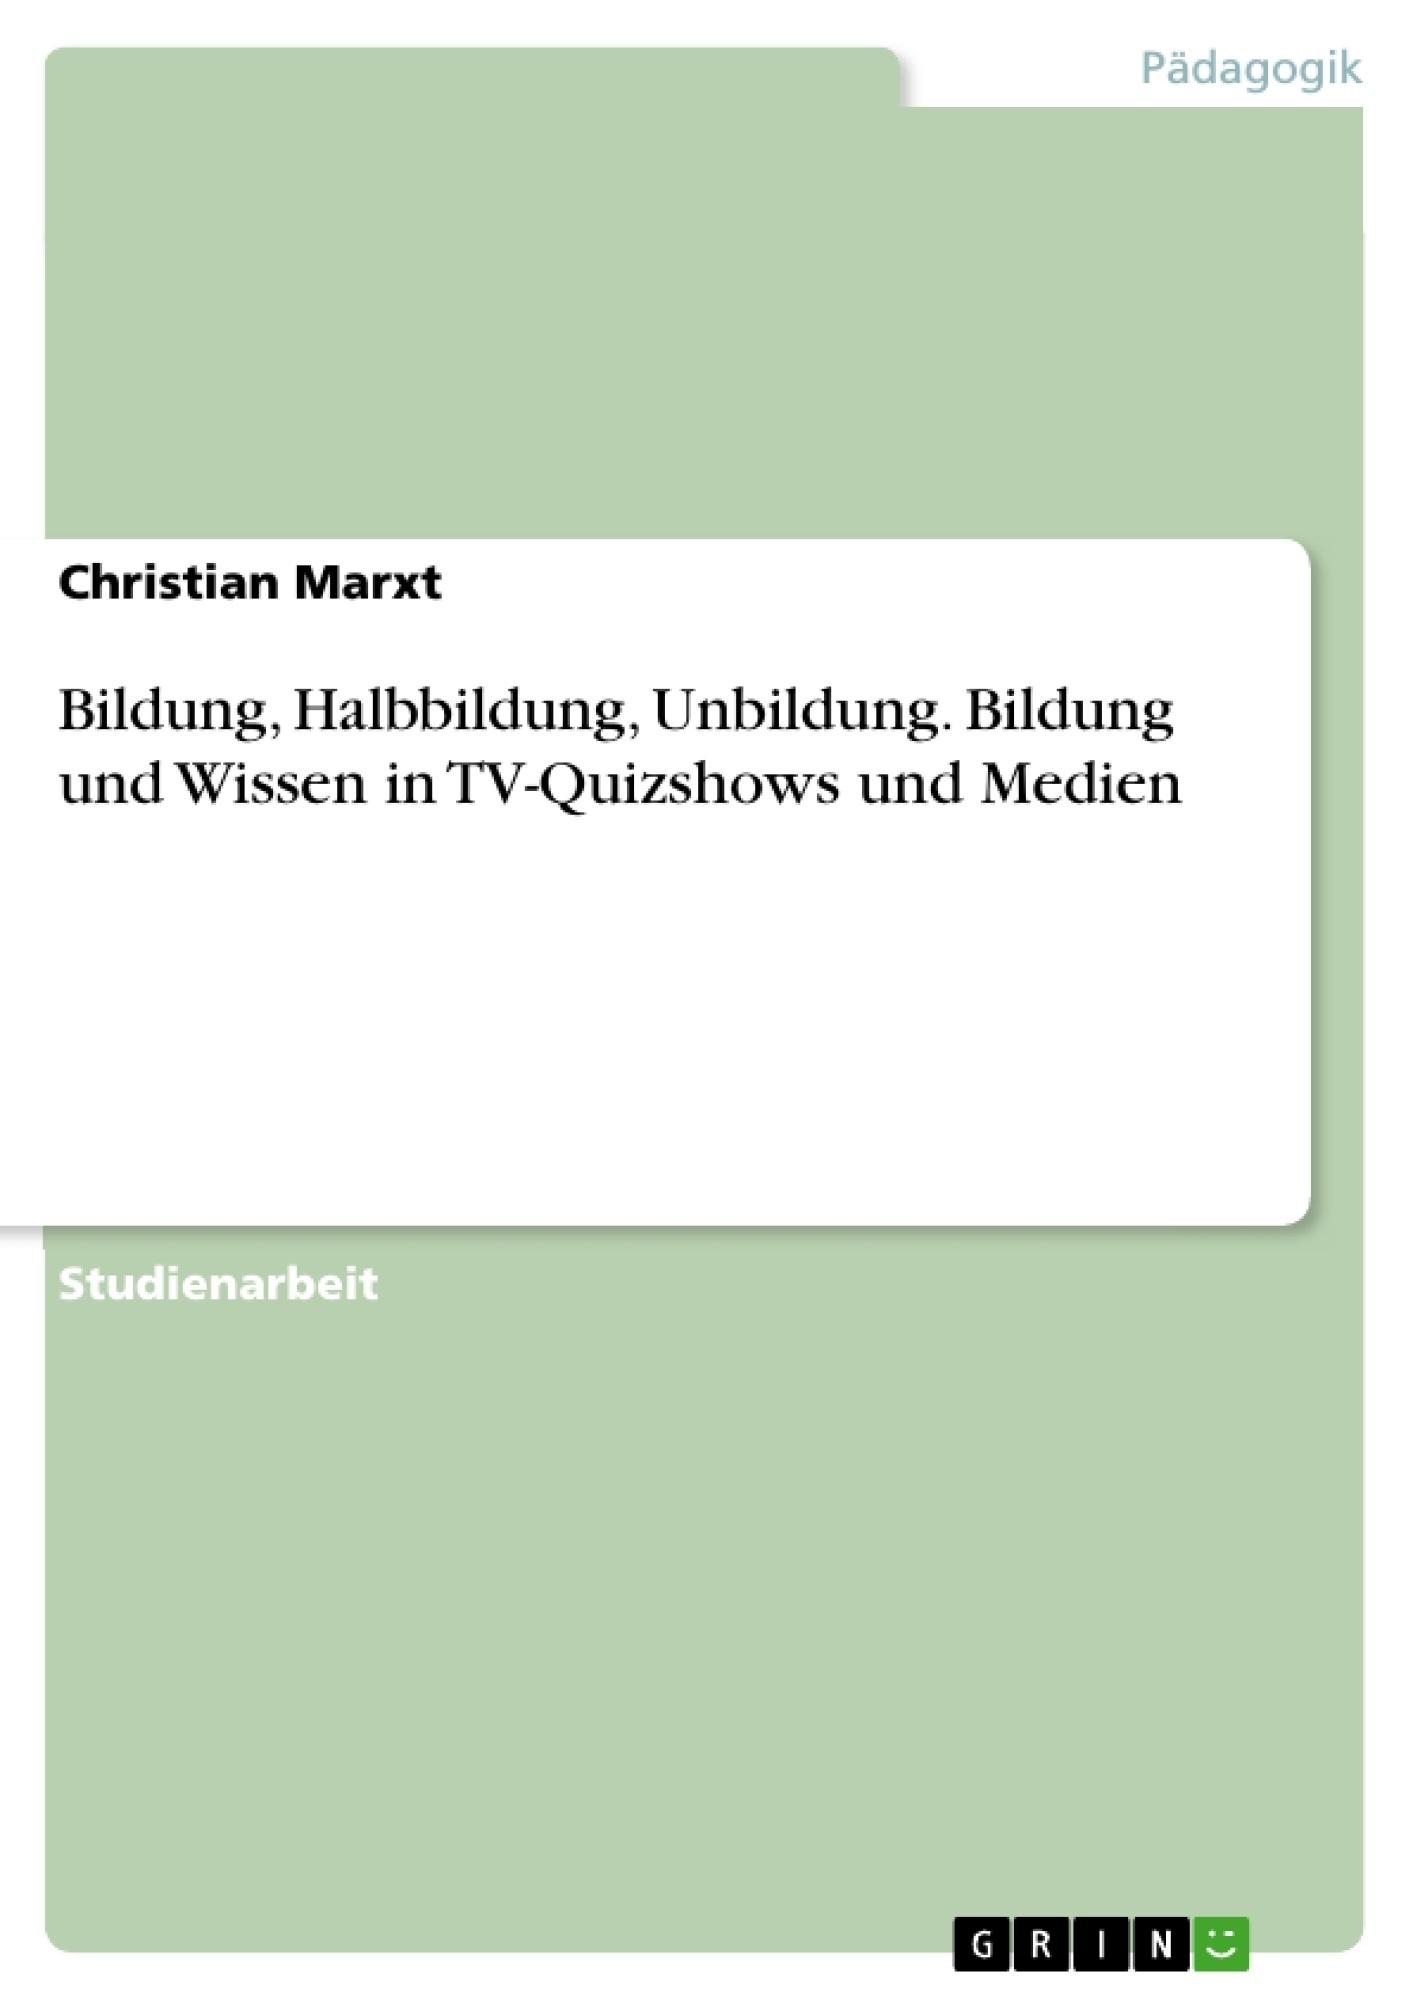 Titel: Bildung, Halbbildung, Unbildung. Bildung und Wissen in TV-Quizshows und Medien